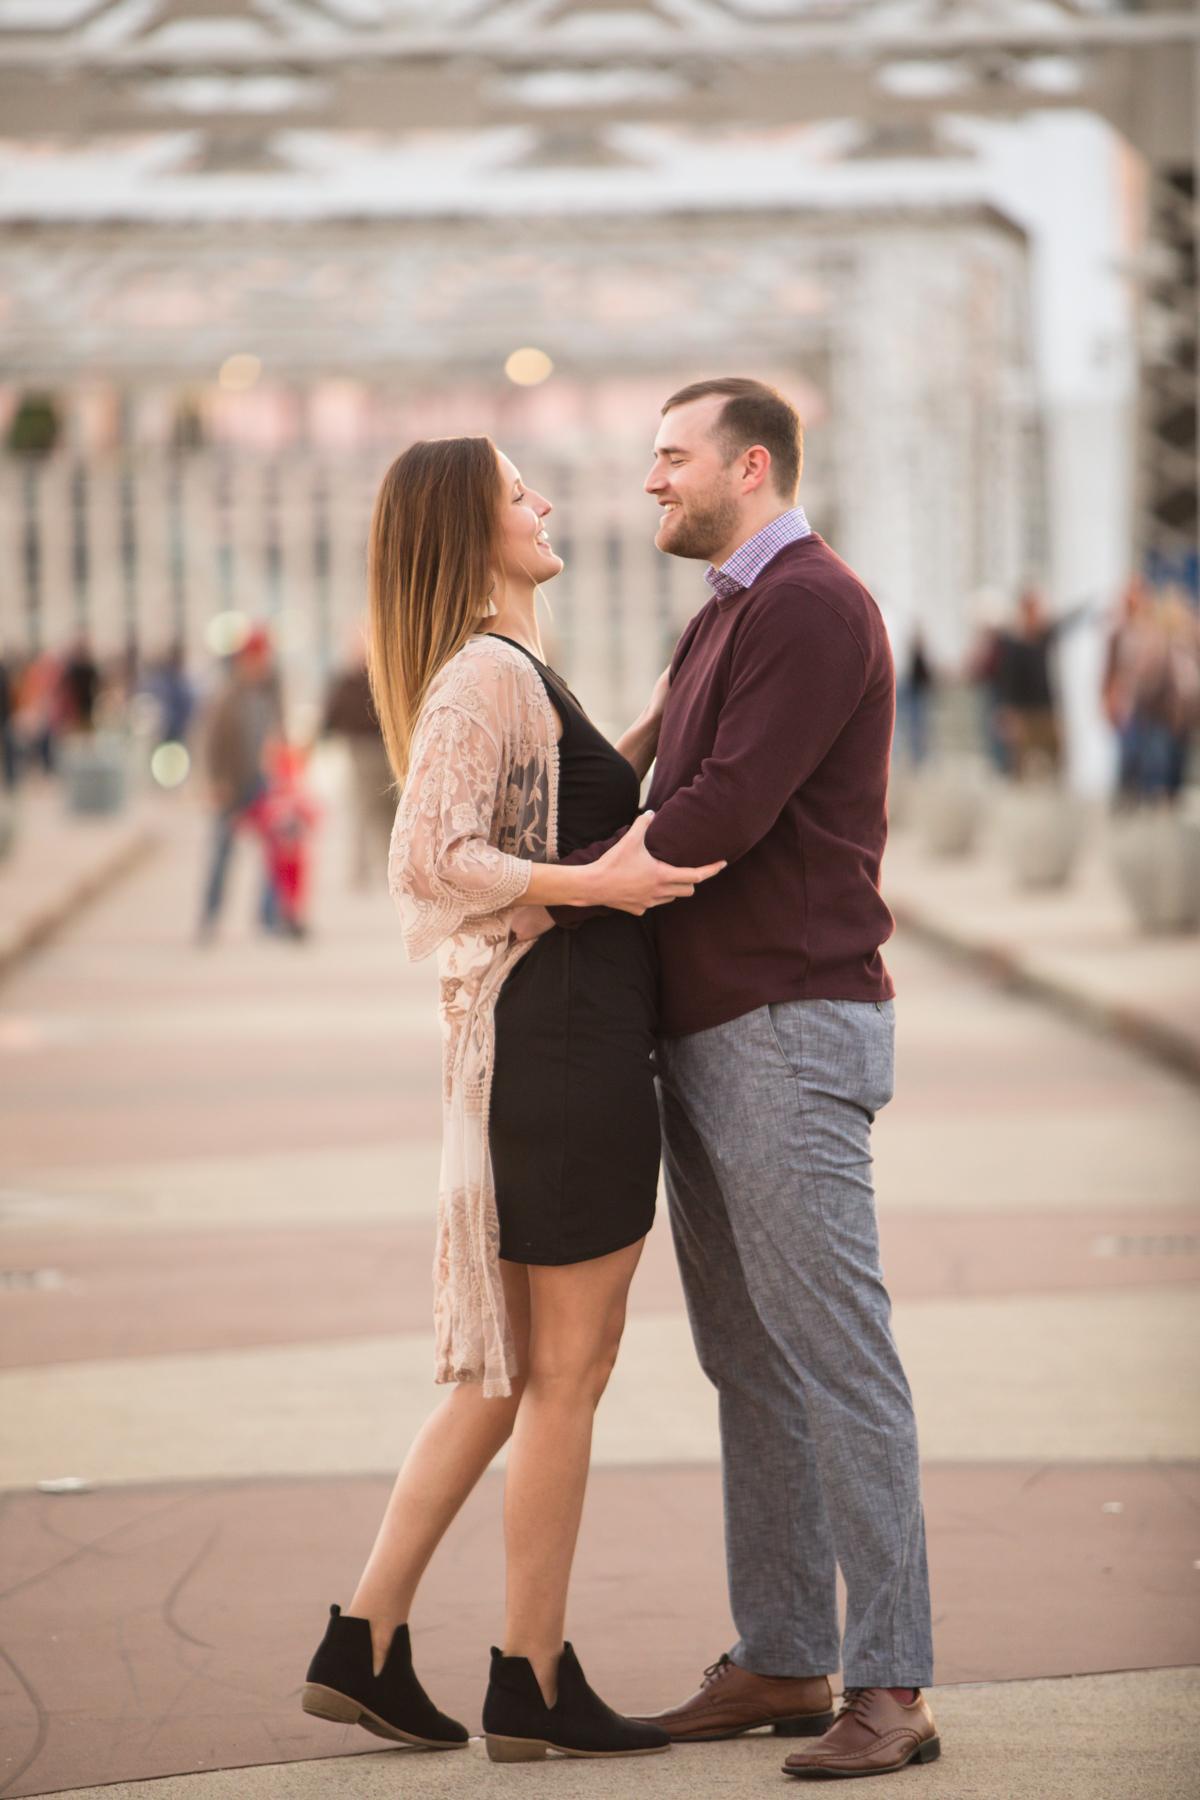 Lauren-and-Grant-Engagement-Centennial-Park-Nashville-Sneak-Peak-0074.jpg